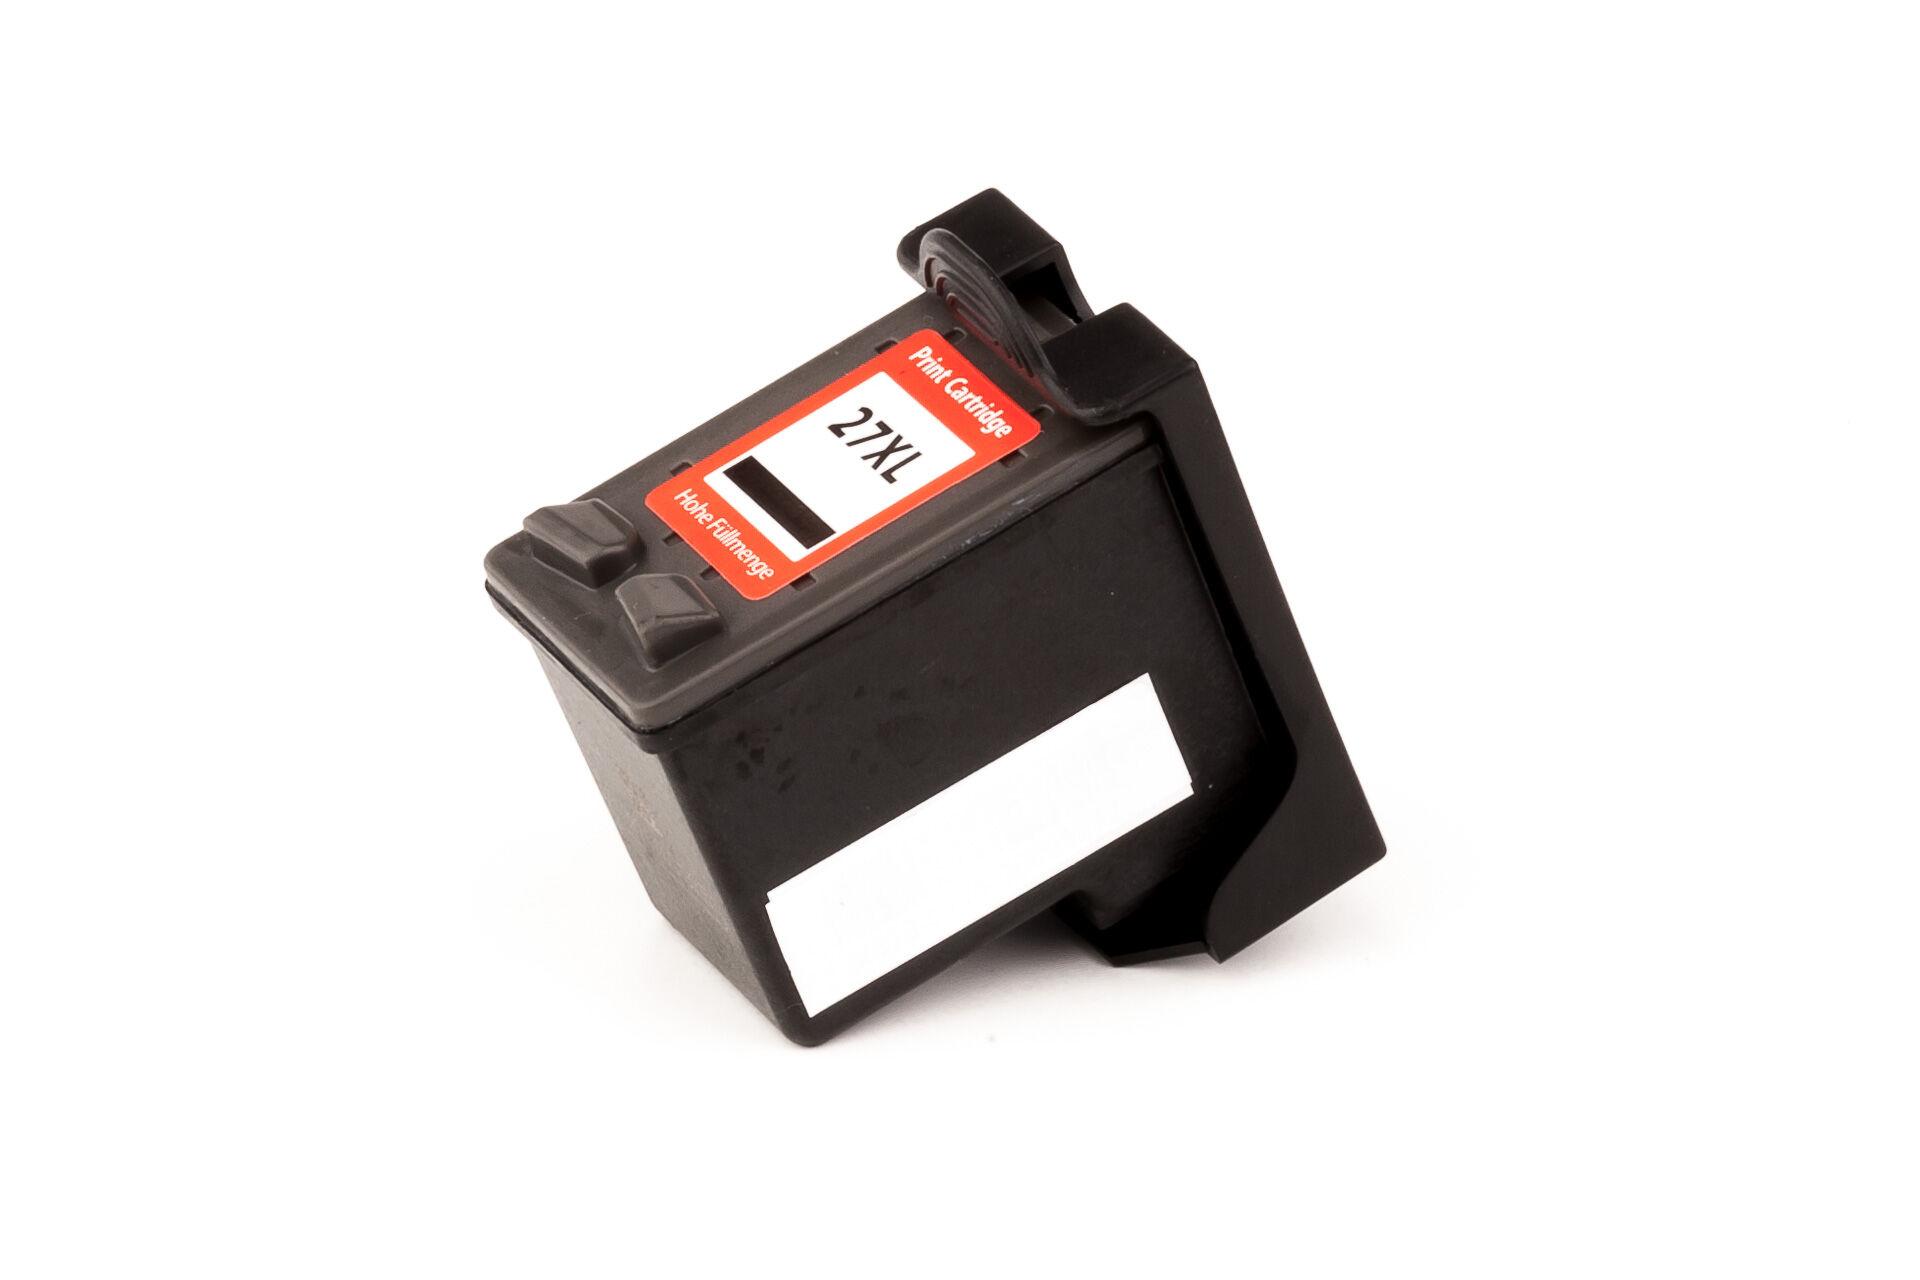 HP Cartouche d'encre pour HP C8727AE / 27 noir compatible (de marque ASC)